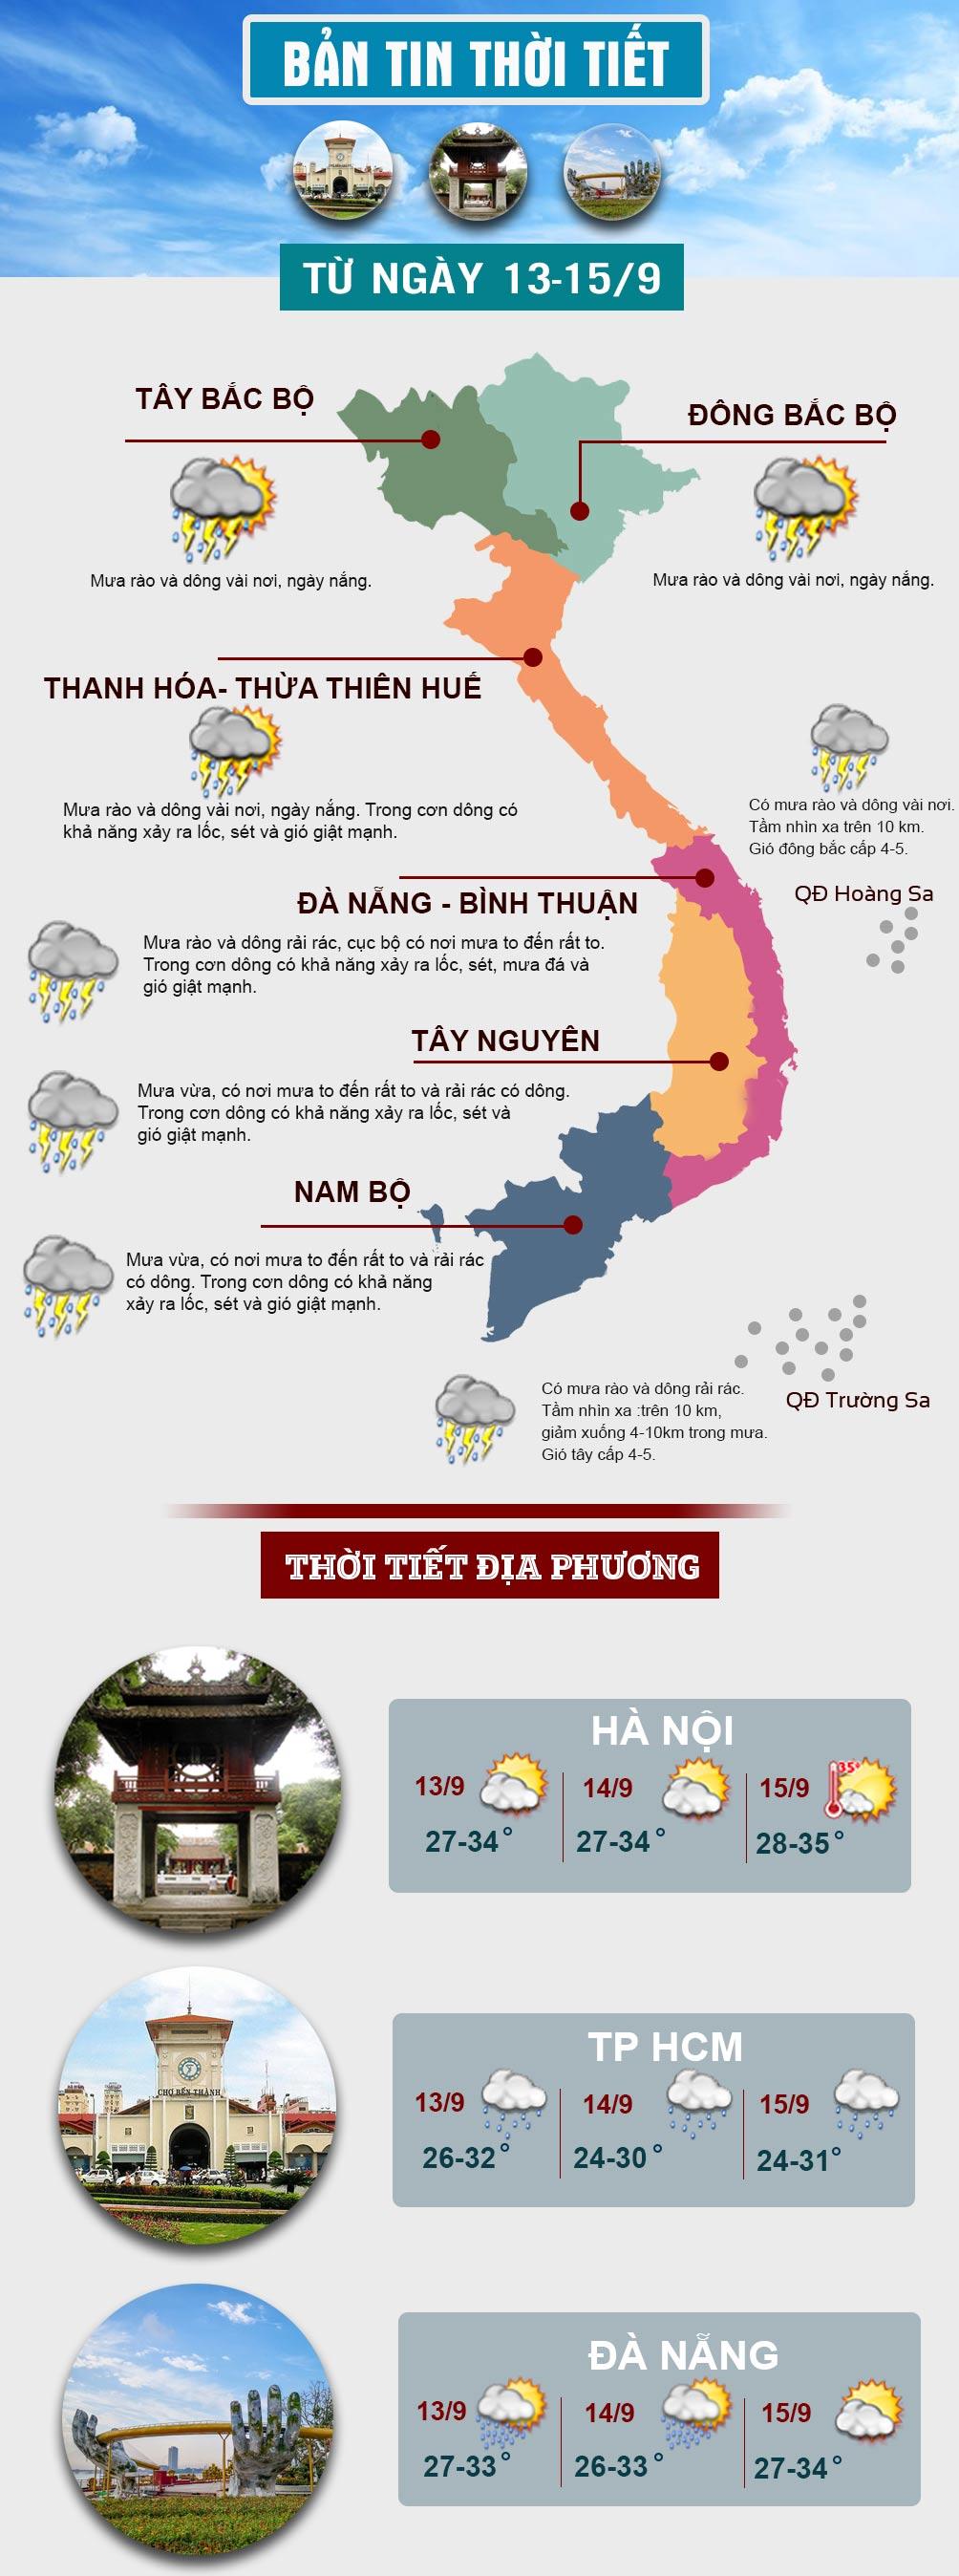 Thời tiết Tết Trung thu: Miền Bắc nắng đẹp, miền Nam mưa rất to